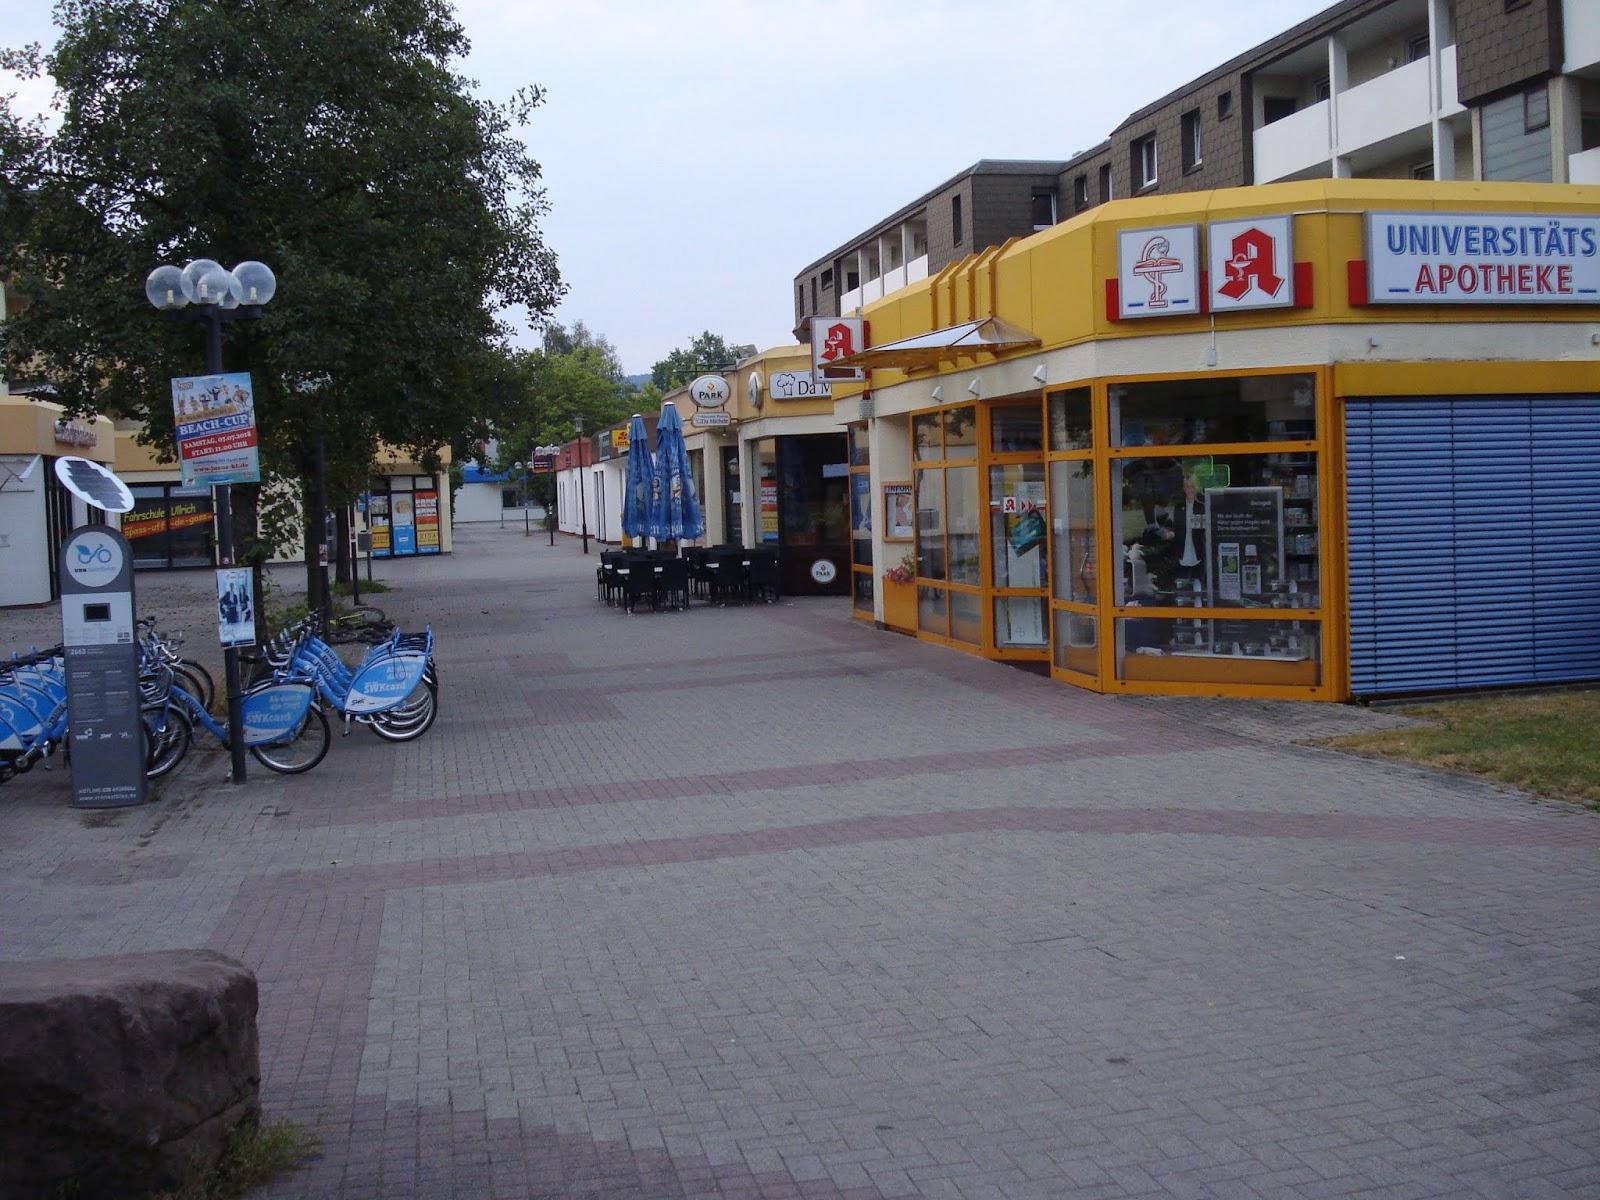 Kaiserslautern Pfalz Bilder Und Anderes Davenportplatz